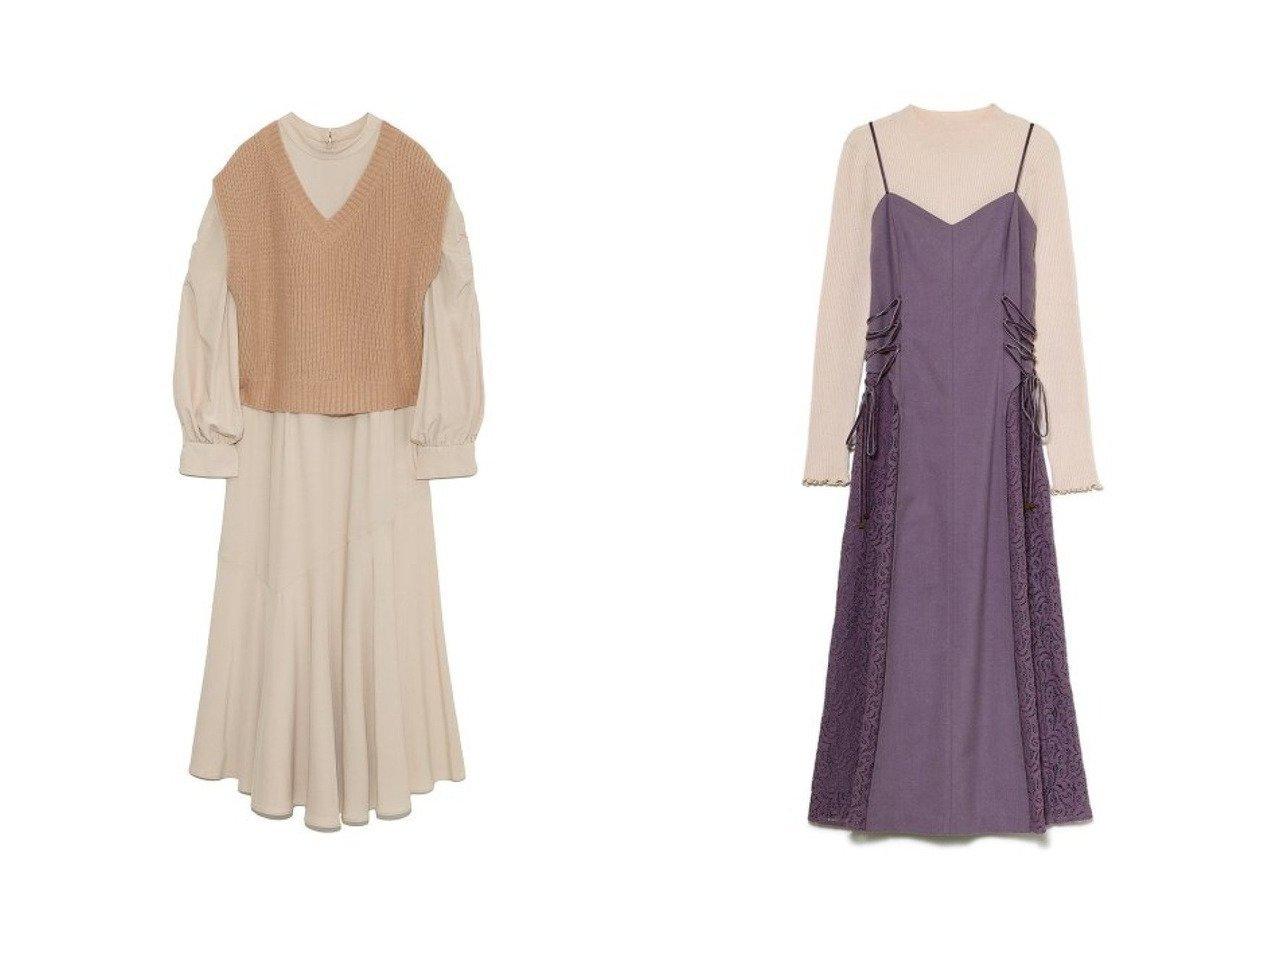 【Lily Brown/リリーブラウン】のニットベストワンピース&異素材切替えワンピニットセット ワンピース・ドレスのおすすめ!人気、トレンド・レディースファッションの通販  おすすめで人気の流行・トレンド、ファッションの通販商品 メンズファッション・キッズファッション・インテリア・家具・レディースファッション・服の通販 founy(ファニー) https://founy.com/ ファッション Fashion レディースファッション WOMEN アウター Coat Outerwear ワンピース Dress マキシワンピース Maxi Dress ギャザー ダウン フェミニン フレア ベスト マキシ ロング |ID:crp329100000010184